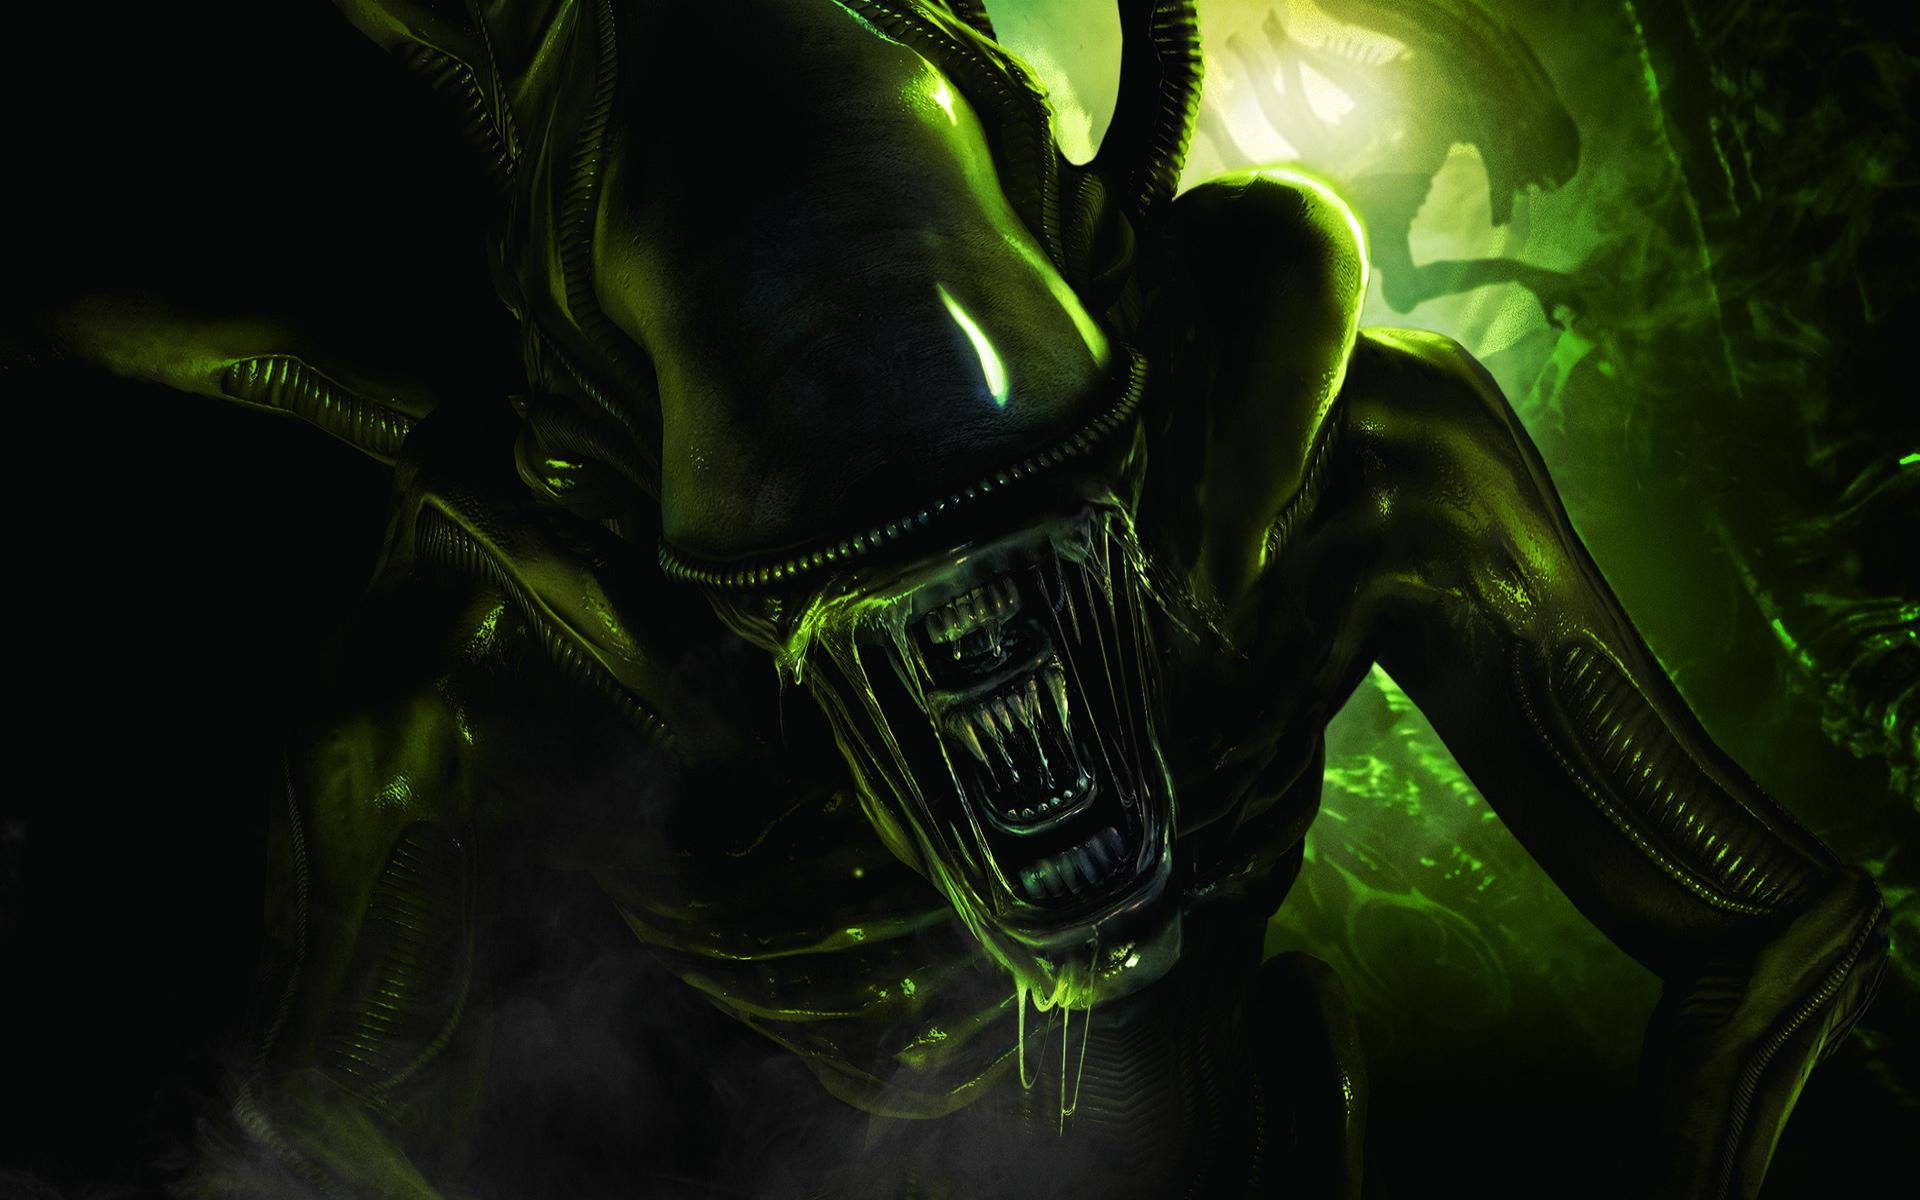 Alien Desktop Wallpapers FREE on Latorocom 1920x1200